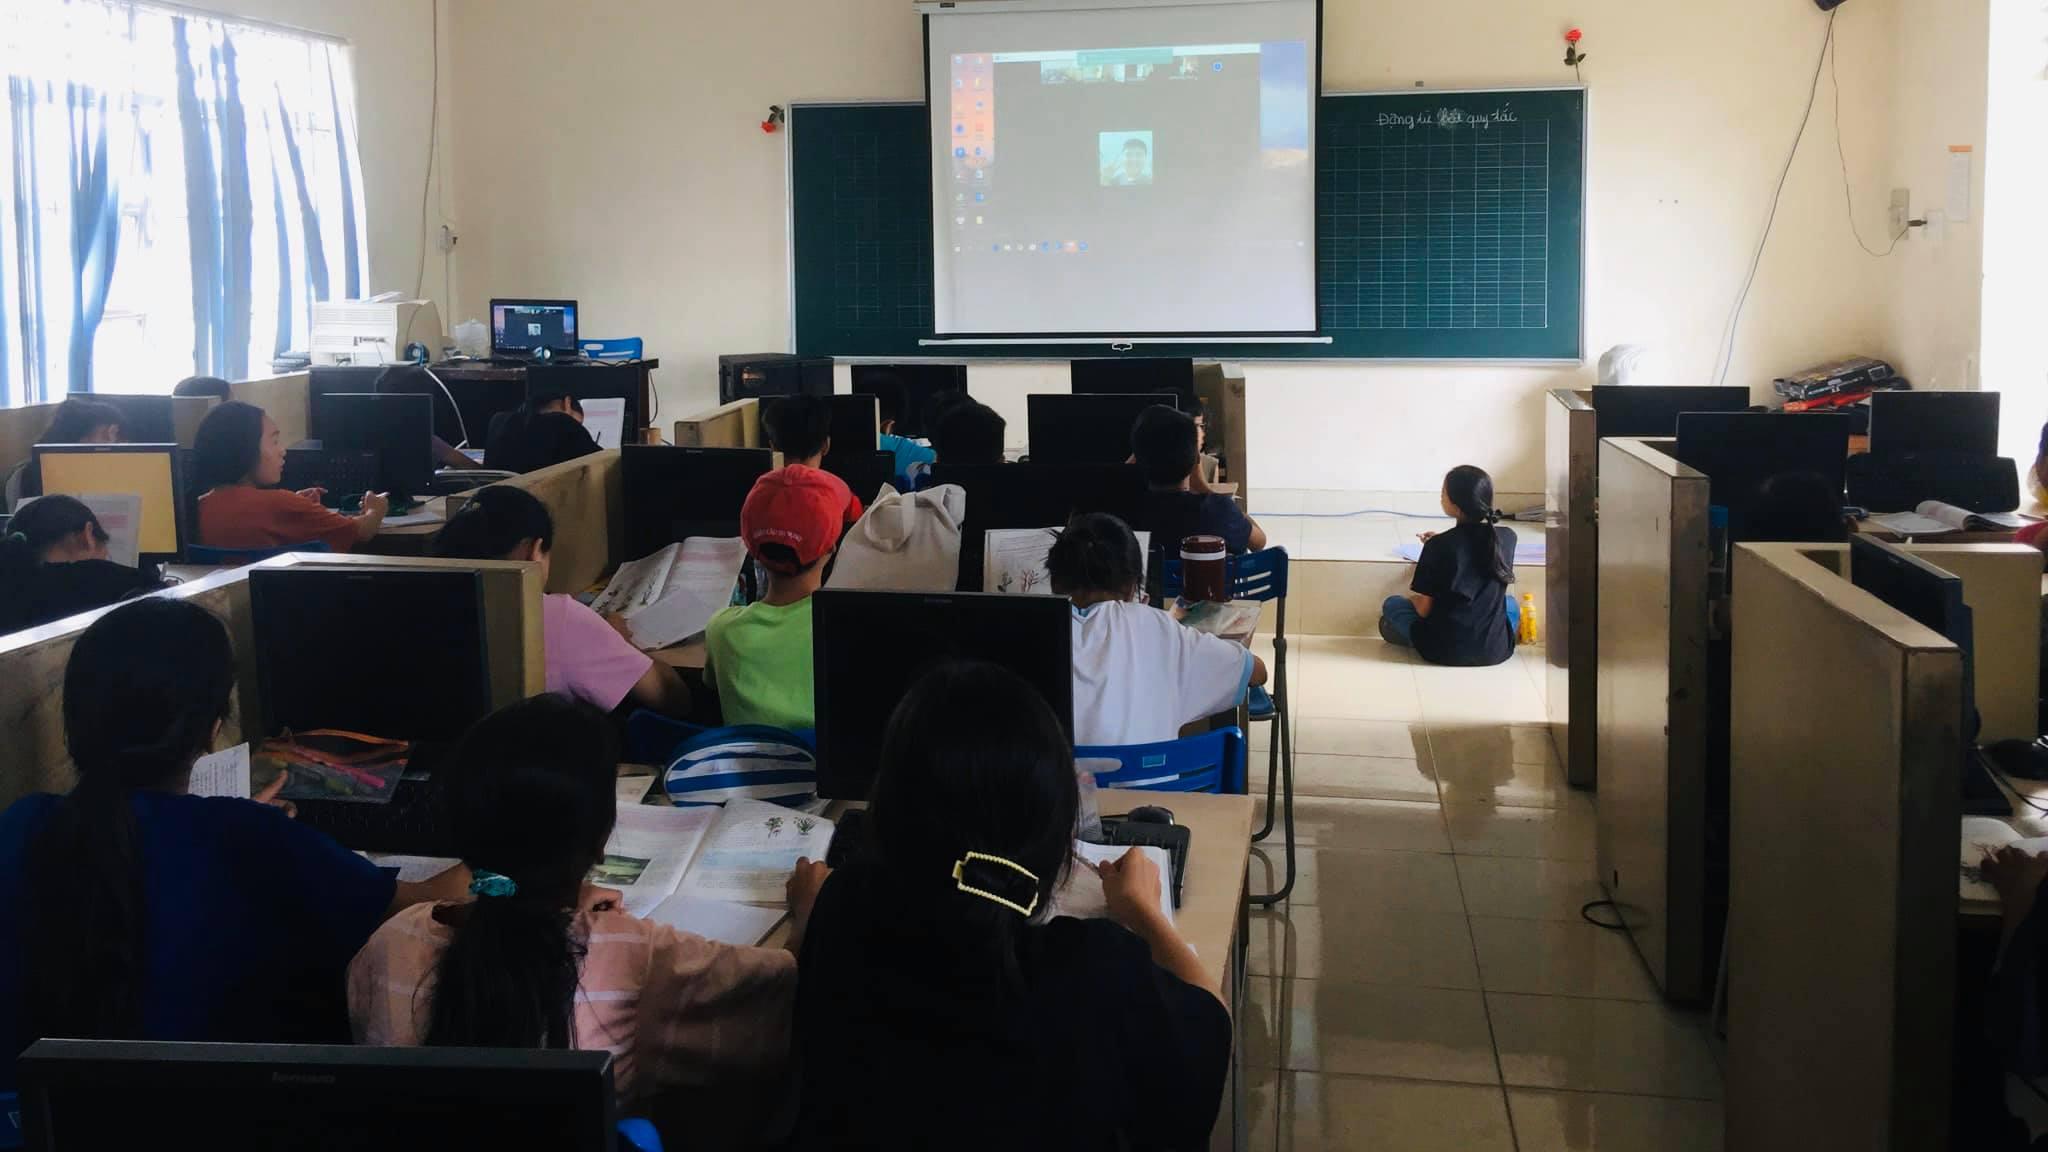 Các bé tại Trung tâm Nhân đạo Quê Hương học tập online trong mùa dịch bằng những thiết bị mua được từ sự giúp đỡ, sẻ chia của Sư Phụ Thích Trúc Thái Minh